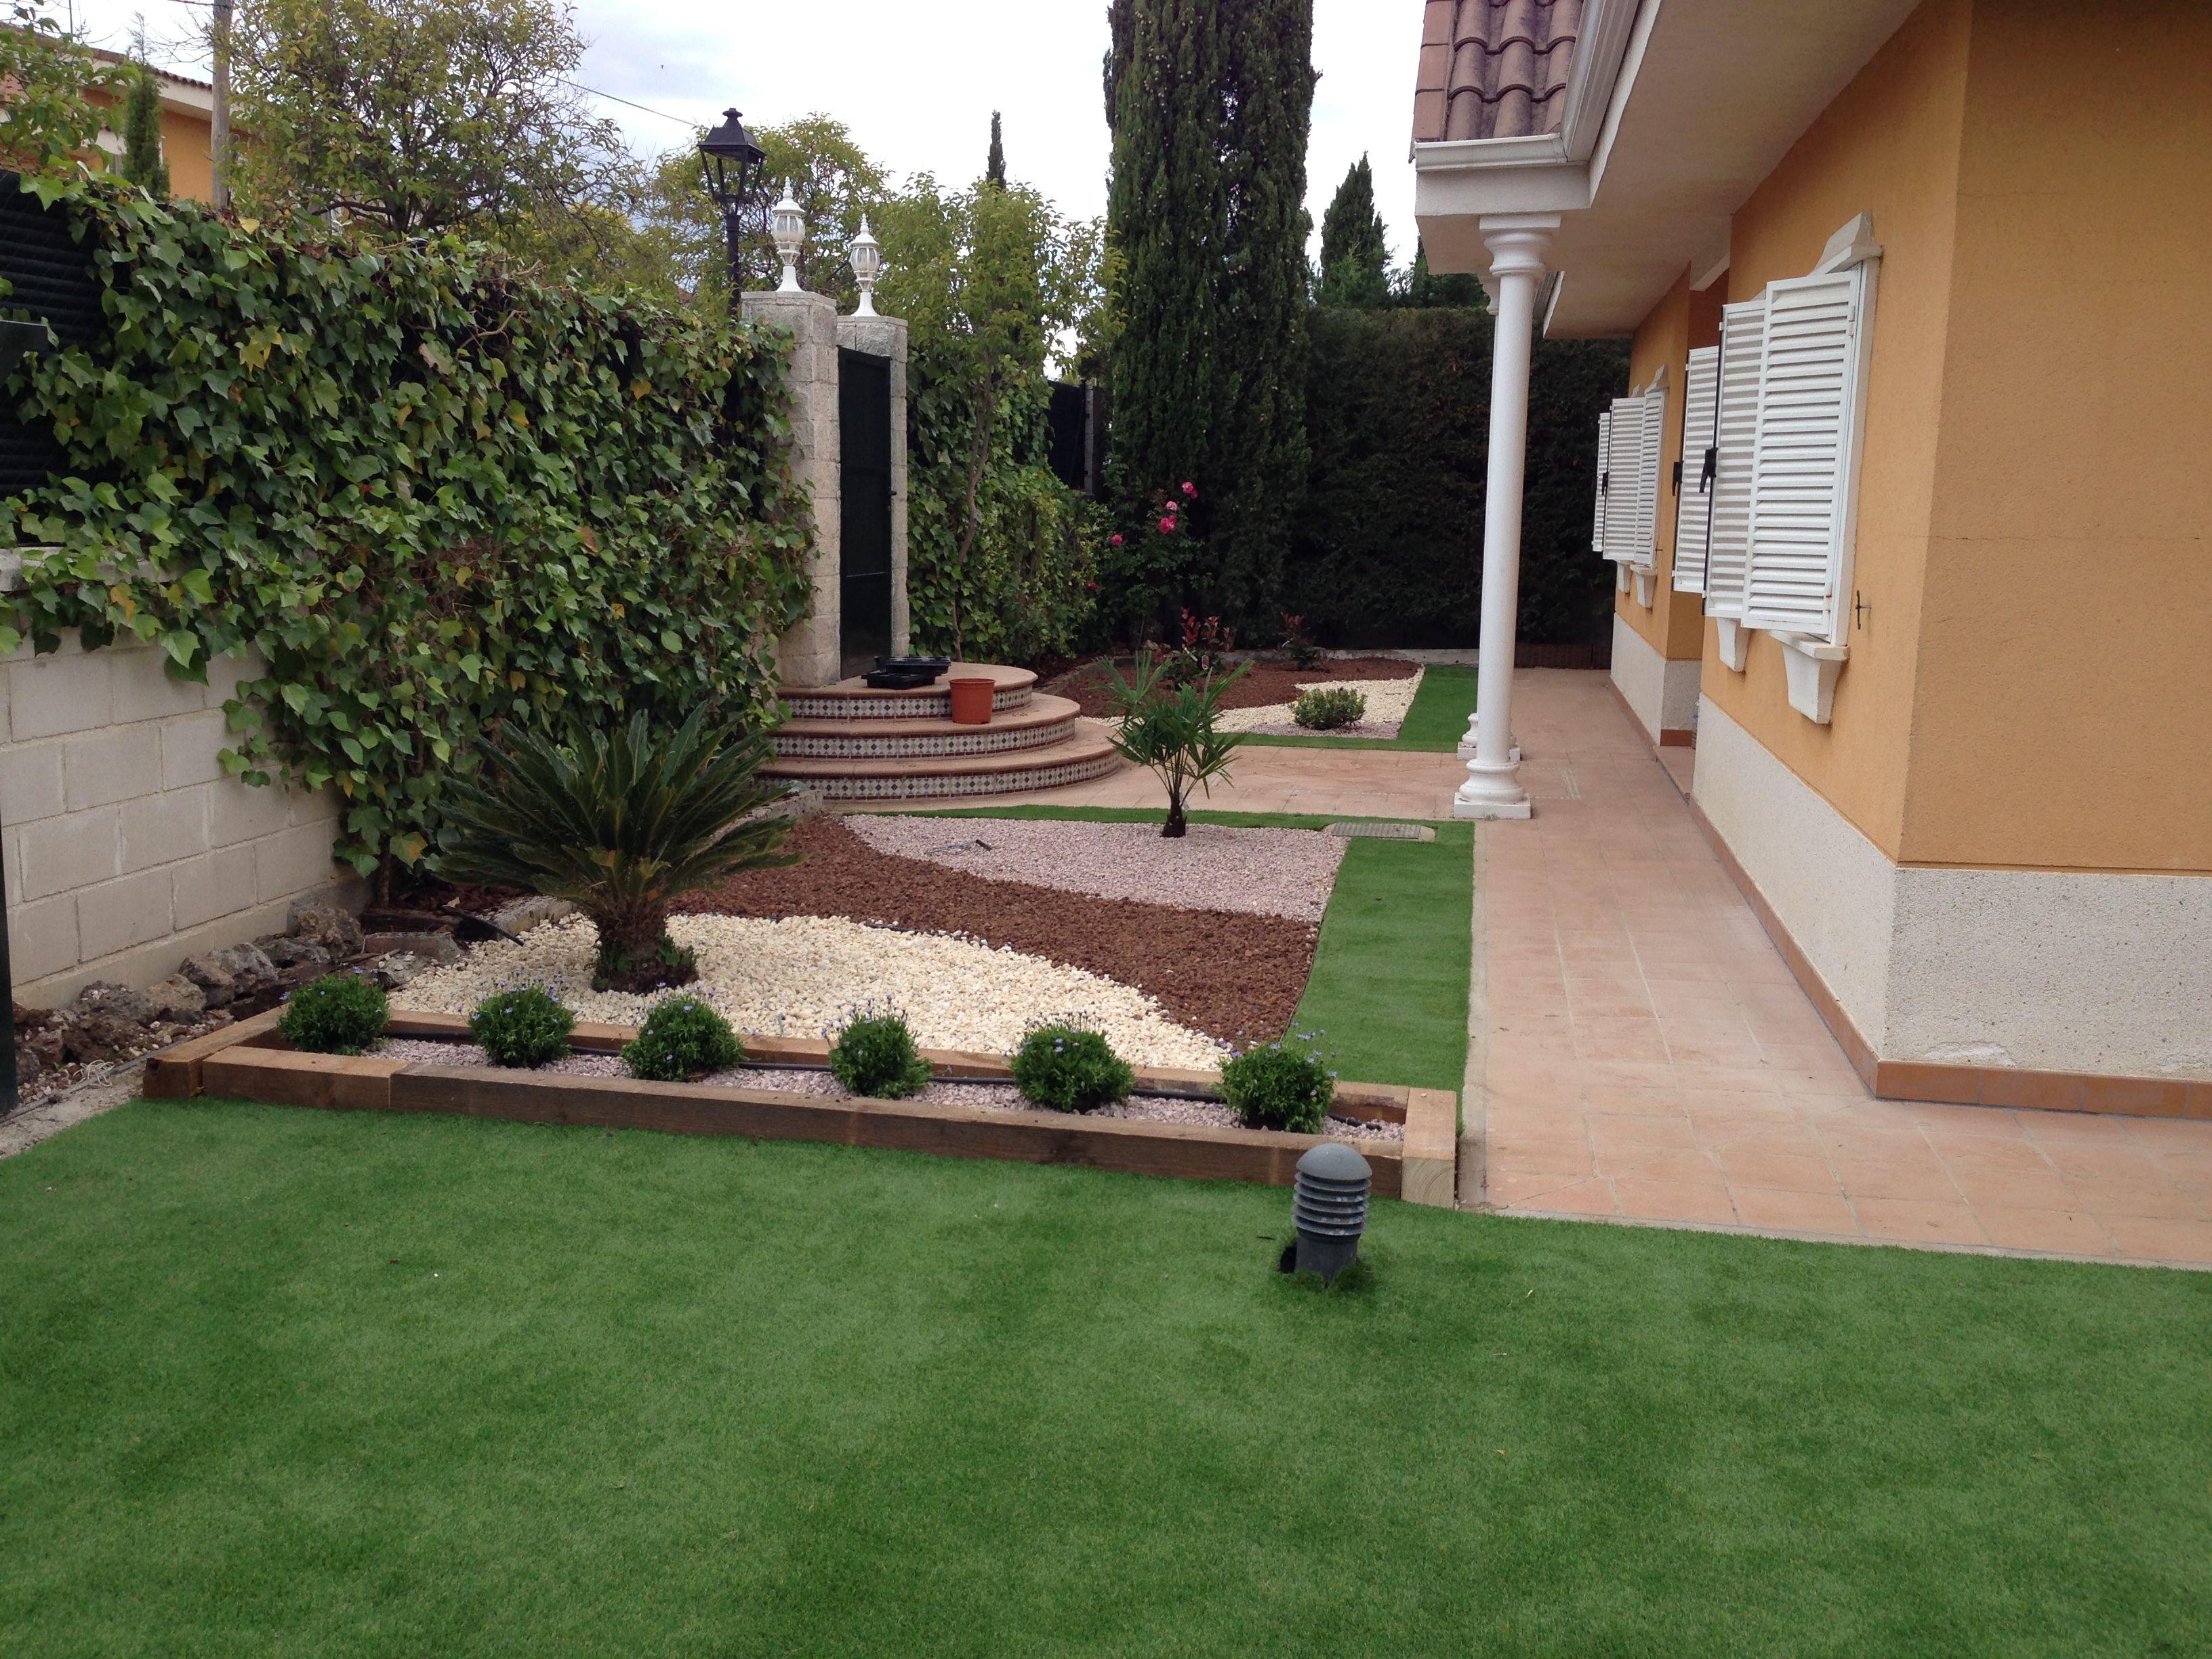 Estupendo jardin sostenible y ejemplar que combina c sped - Fotos de cesped artificial ...